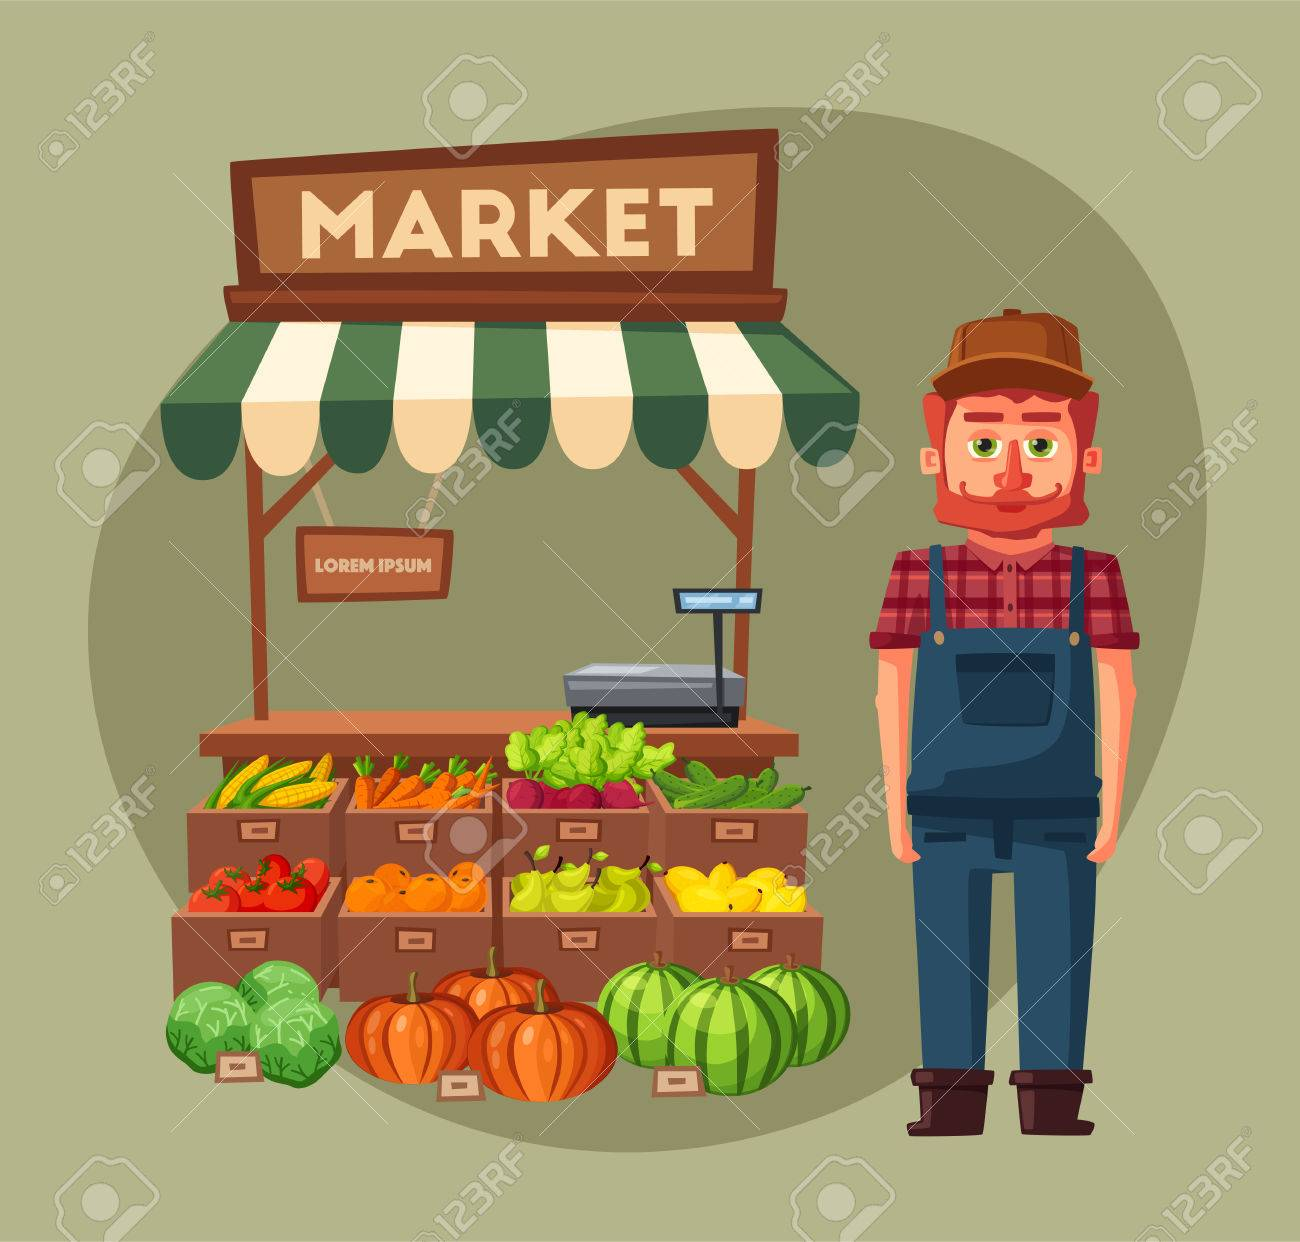 Tienda De Granja Mercado Local De Establos Venta De Verduras Ilustración Vectorial De Dibujos Animados